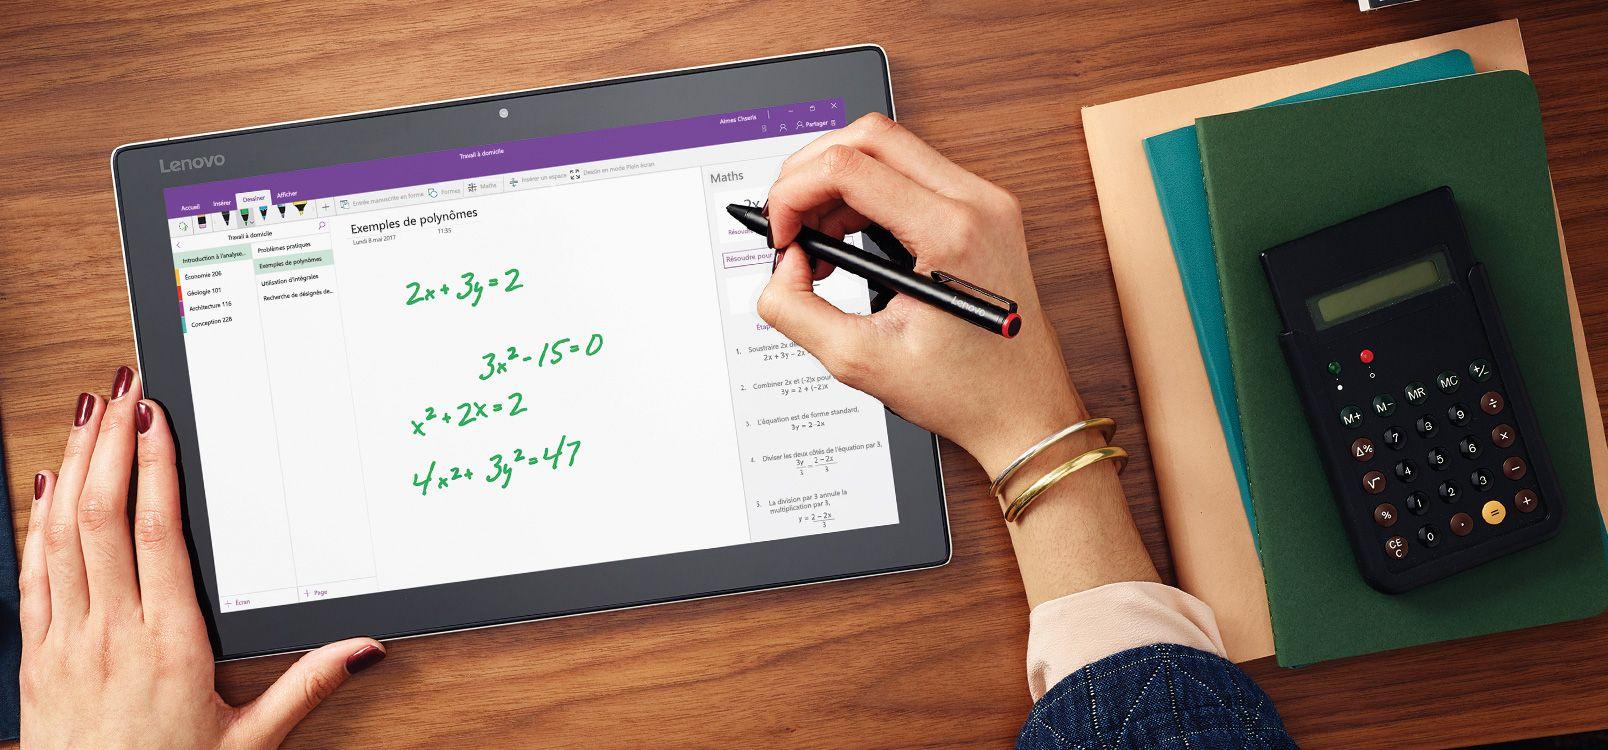 Écran de tablette affichant OneNote utilisant l'Assistant Équation manuscrite